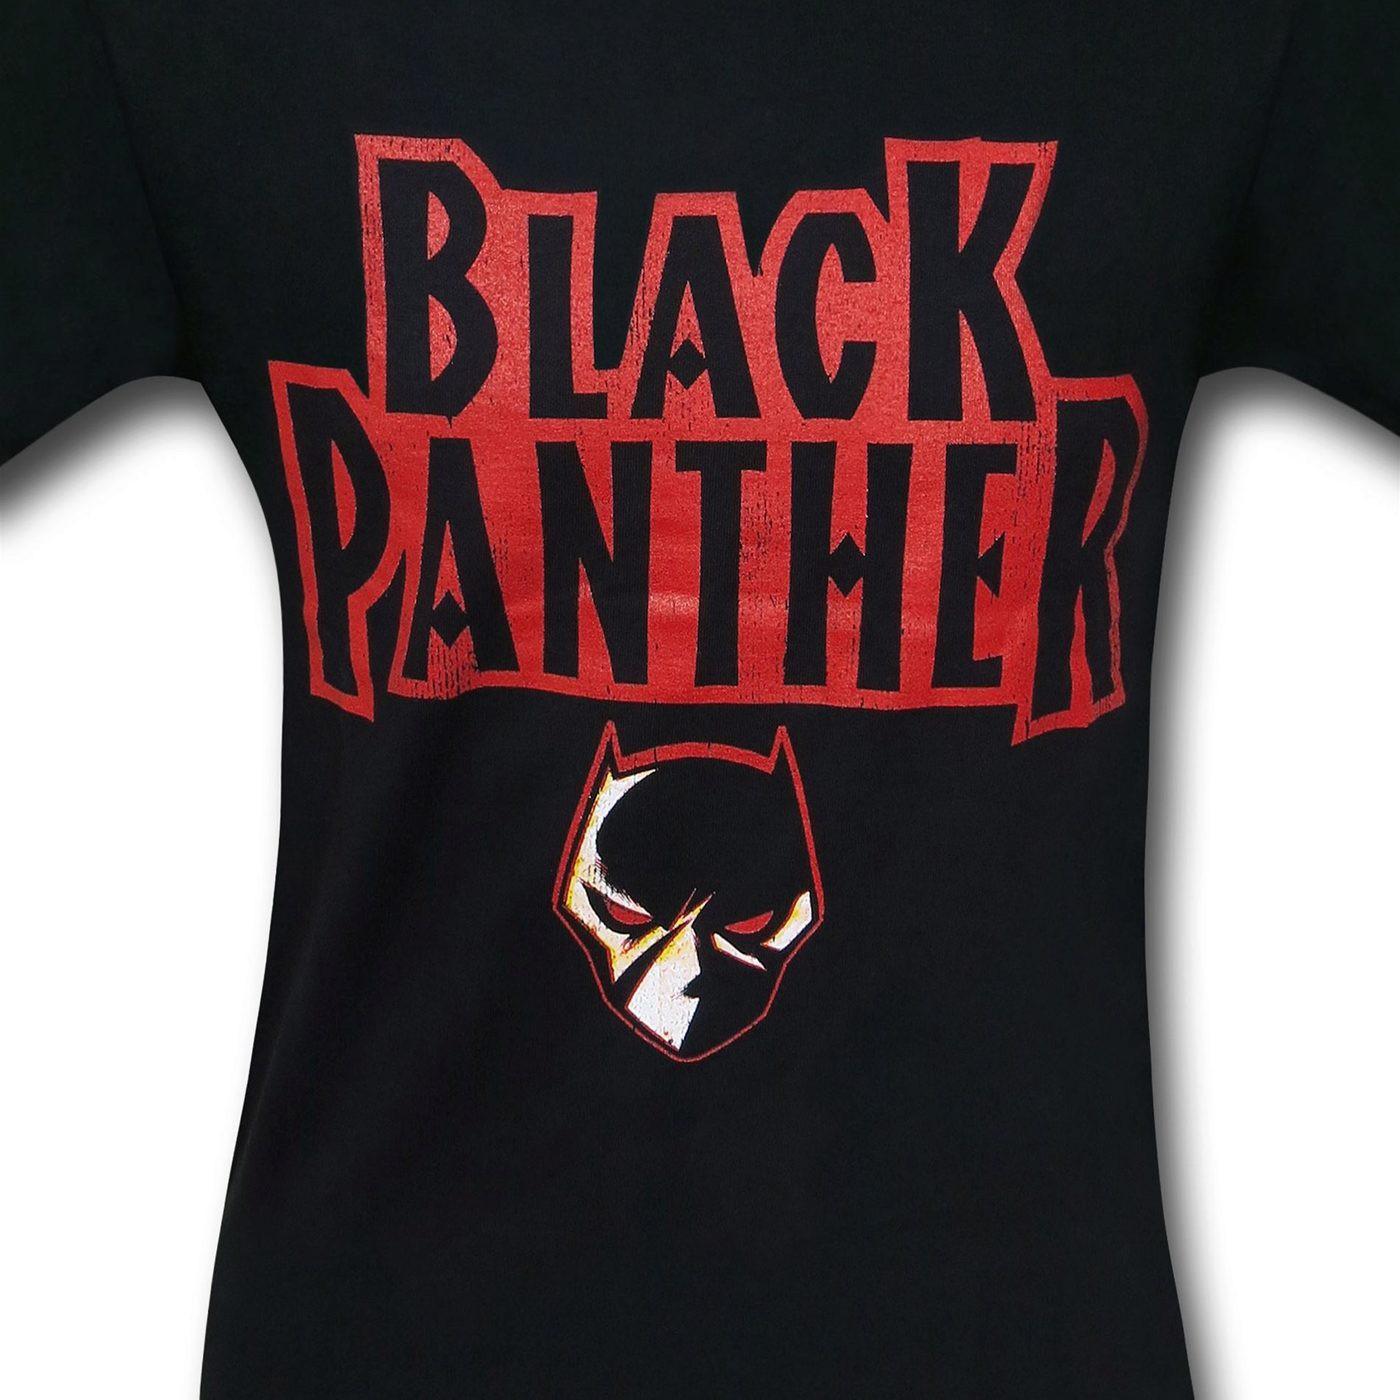 Black Panther Logo Black T-Shirt